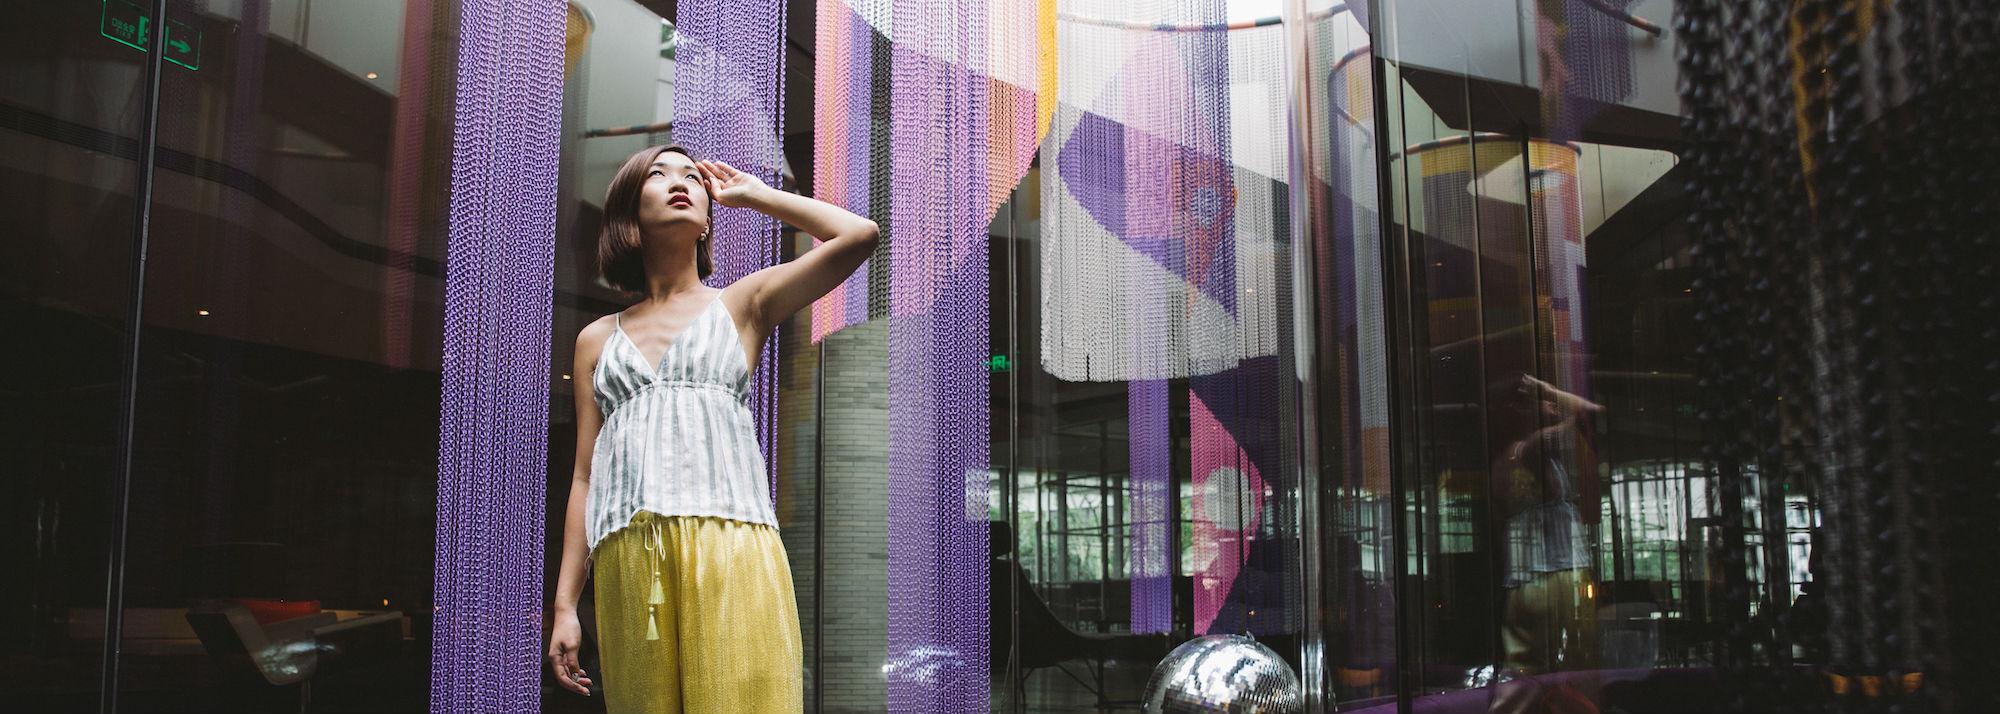 Fashion W Hotels The Angle Life With A W Slant